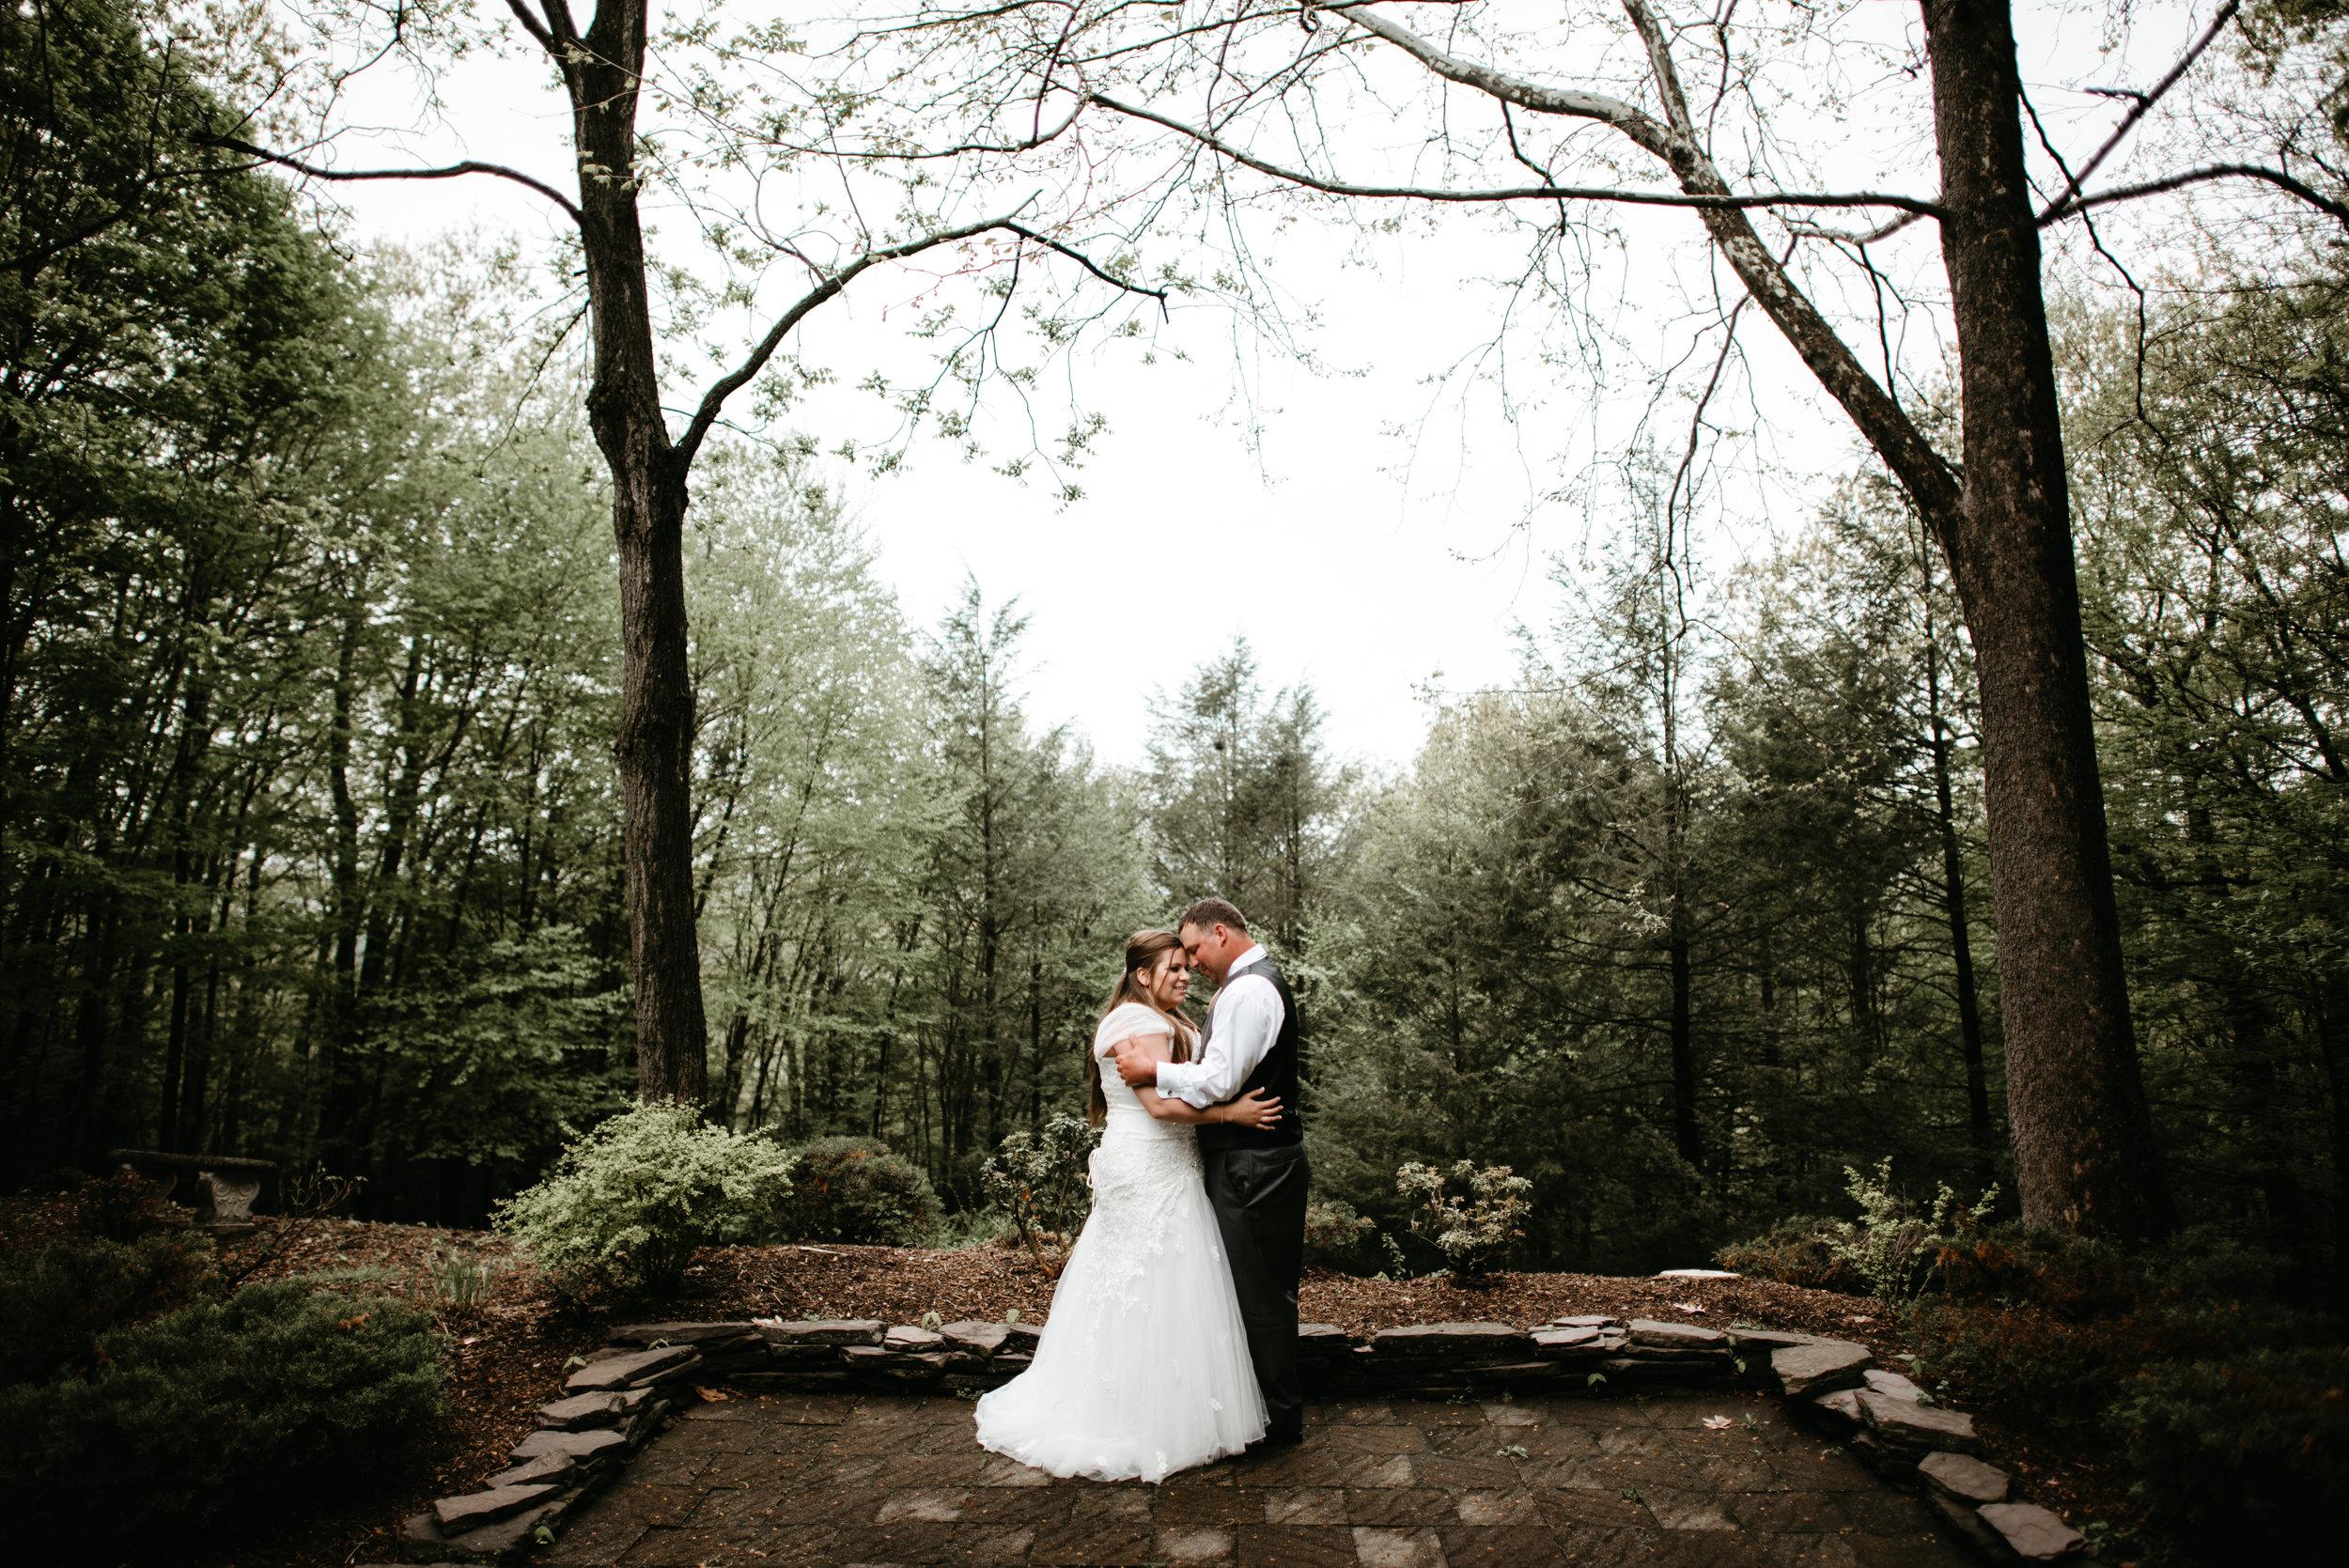 Mr. & Mrs. Harp -